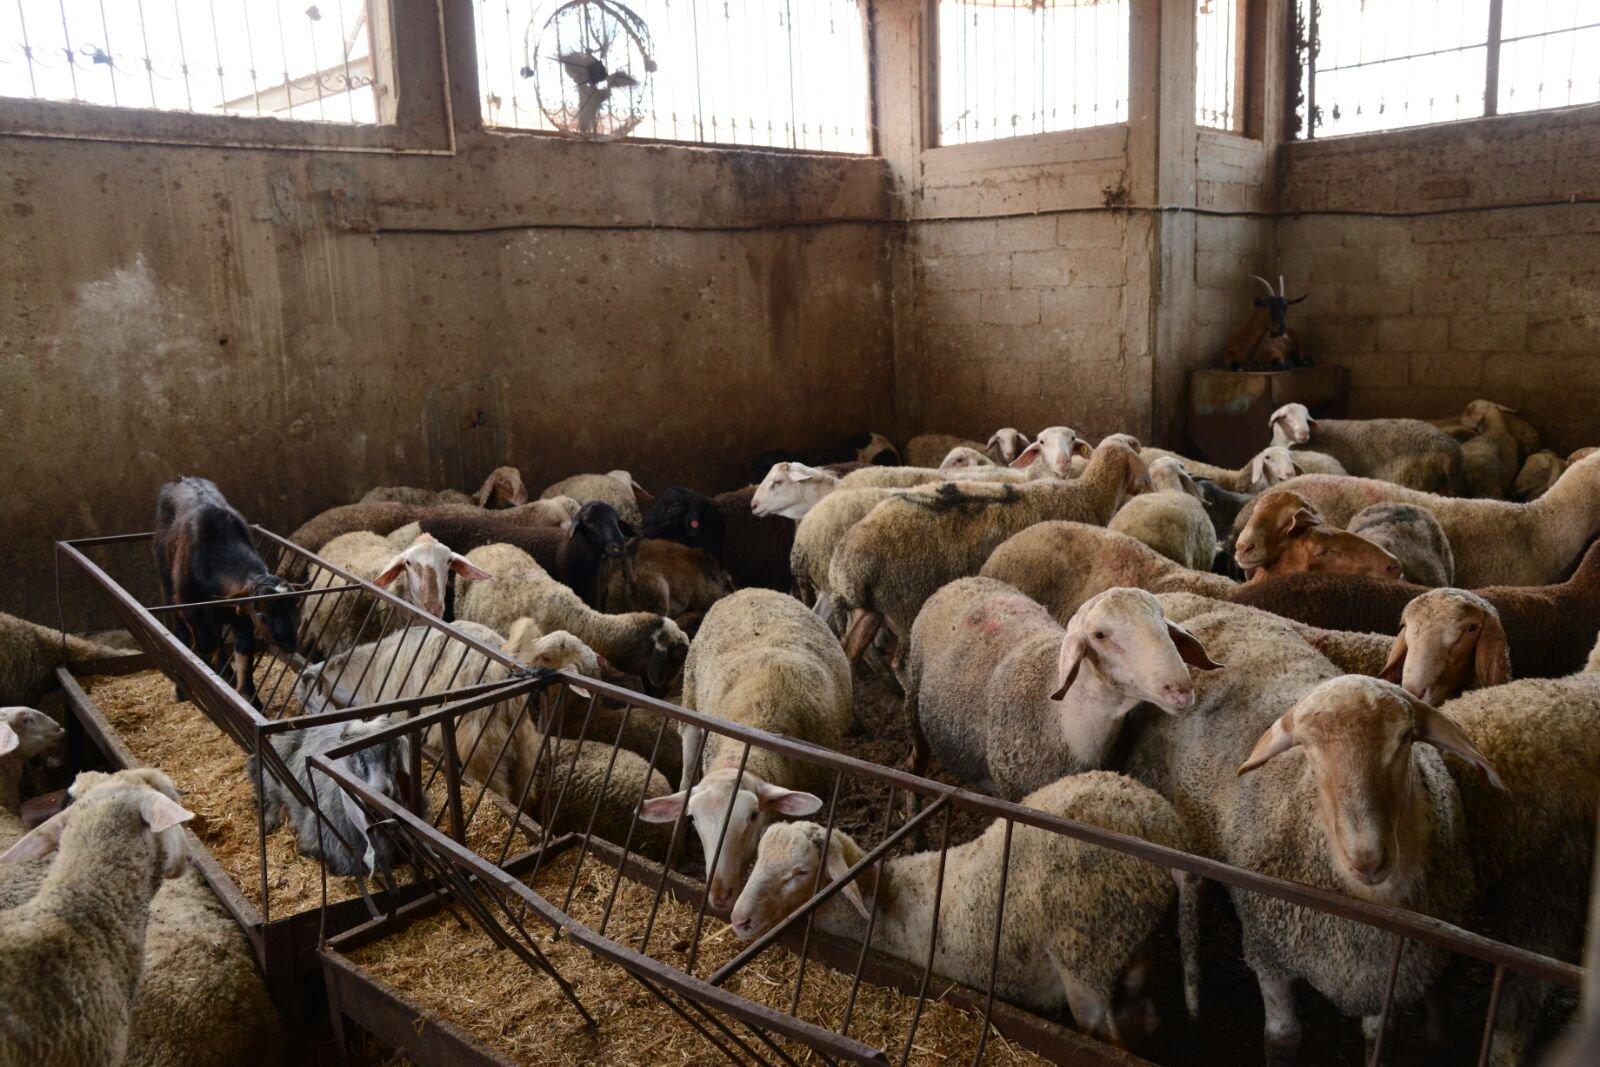 زكاة الناصرة تنفذ مشروع الأضاحي لهذا العام وتوزع نحو 3 أطنان من اللحوم على العائلات المستورة